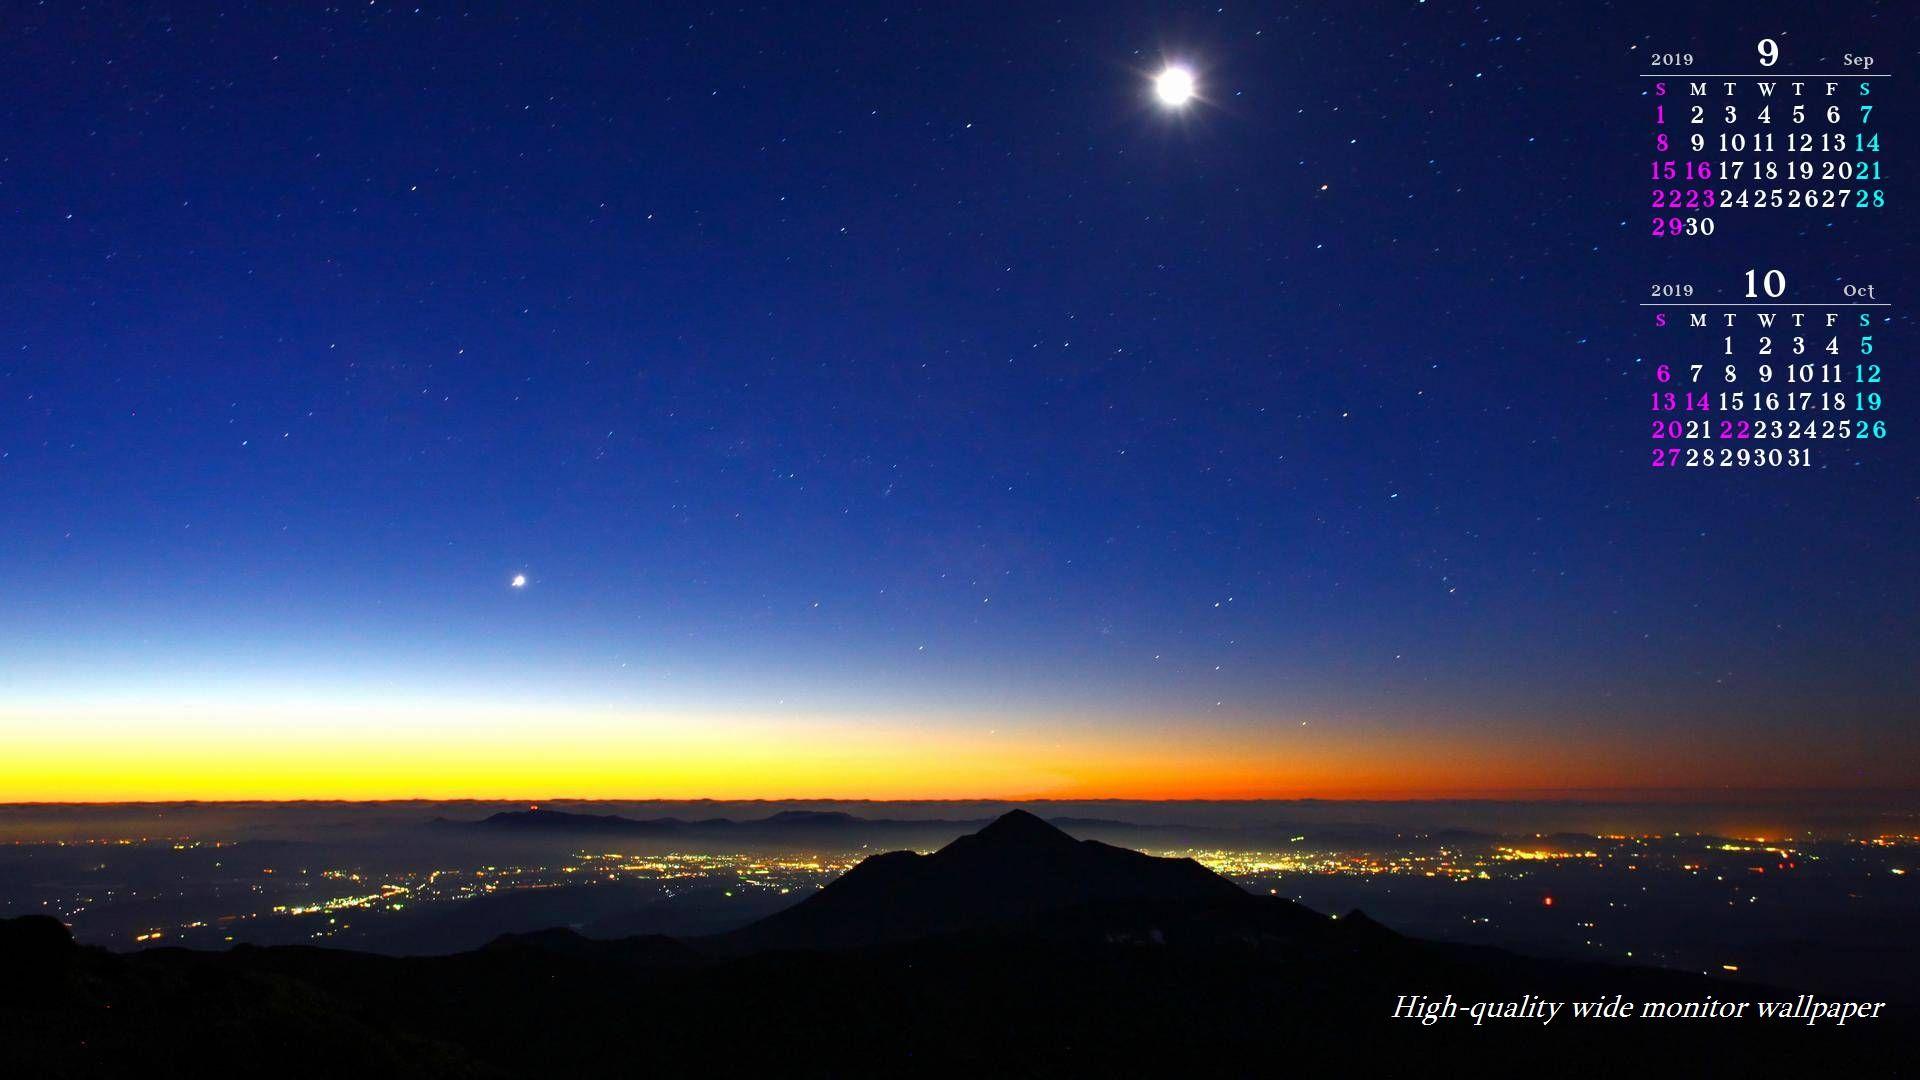 夜明けの霧島連山をモチーフにしました19年9月10月のカレンダー付きワイドモニター高画質壁紙 19 1080 アスペクト比16 9 霧島連山 自然風景 星景写真 花 山野草